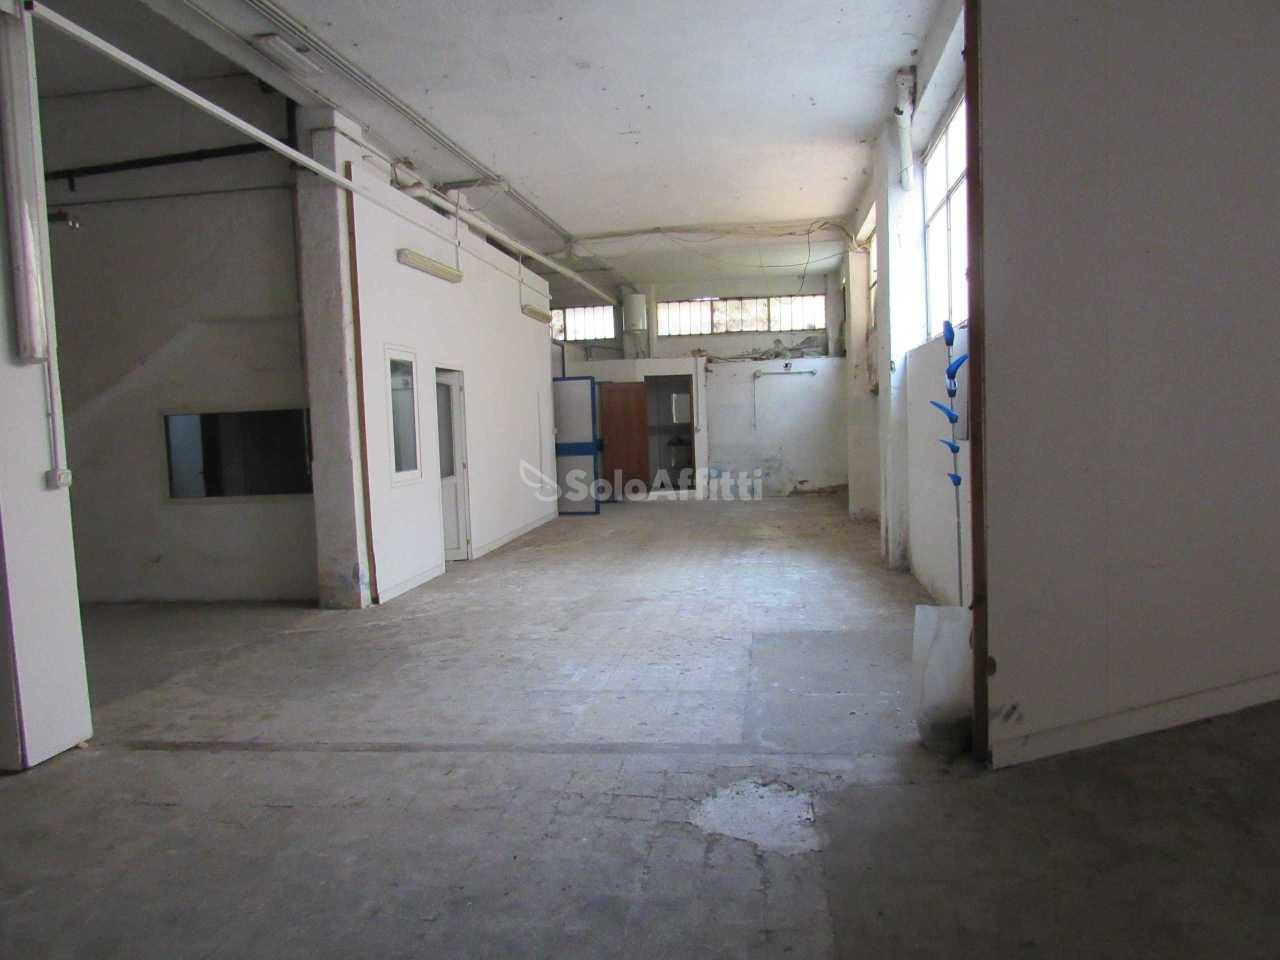 Laboratorio a Frascati Rif. 11021600